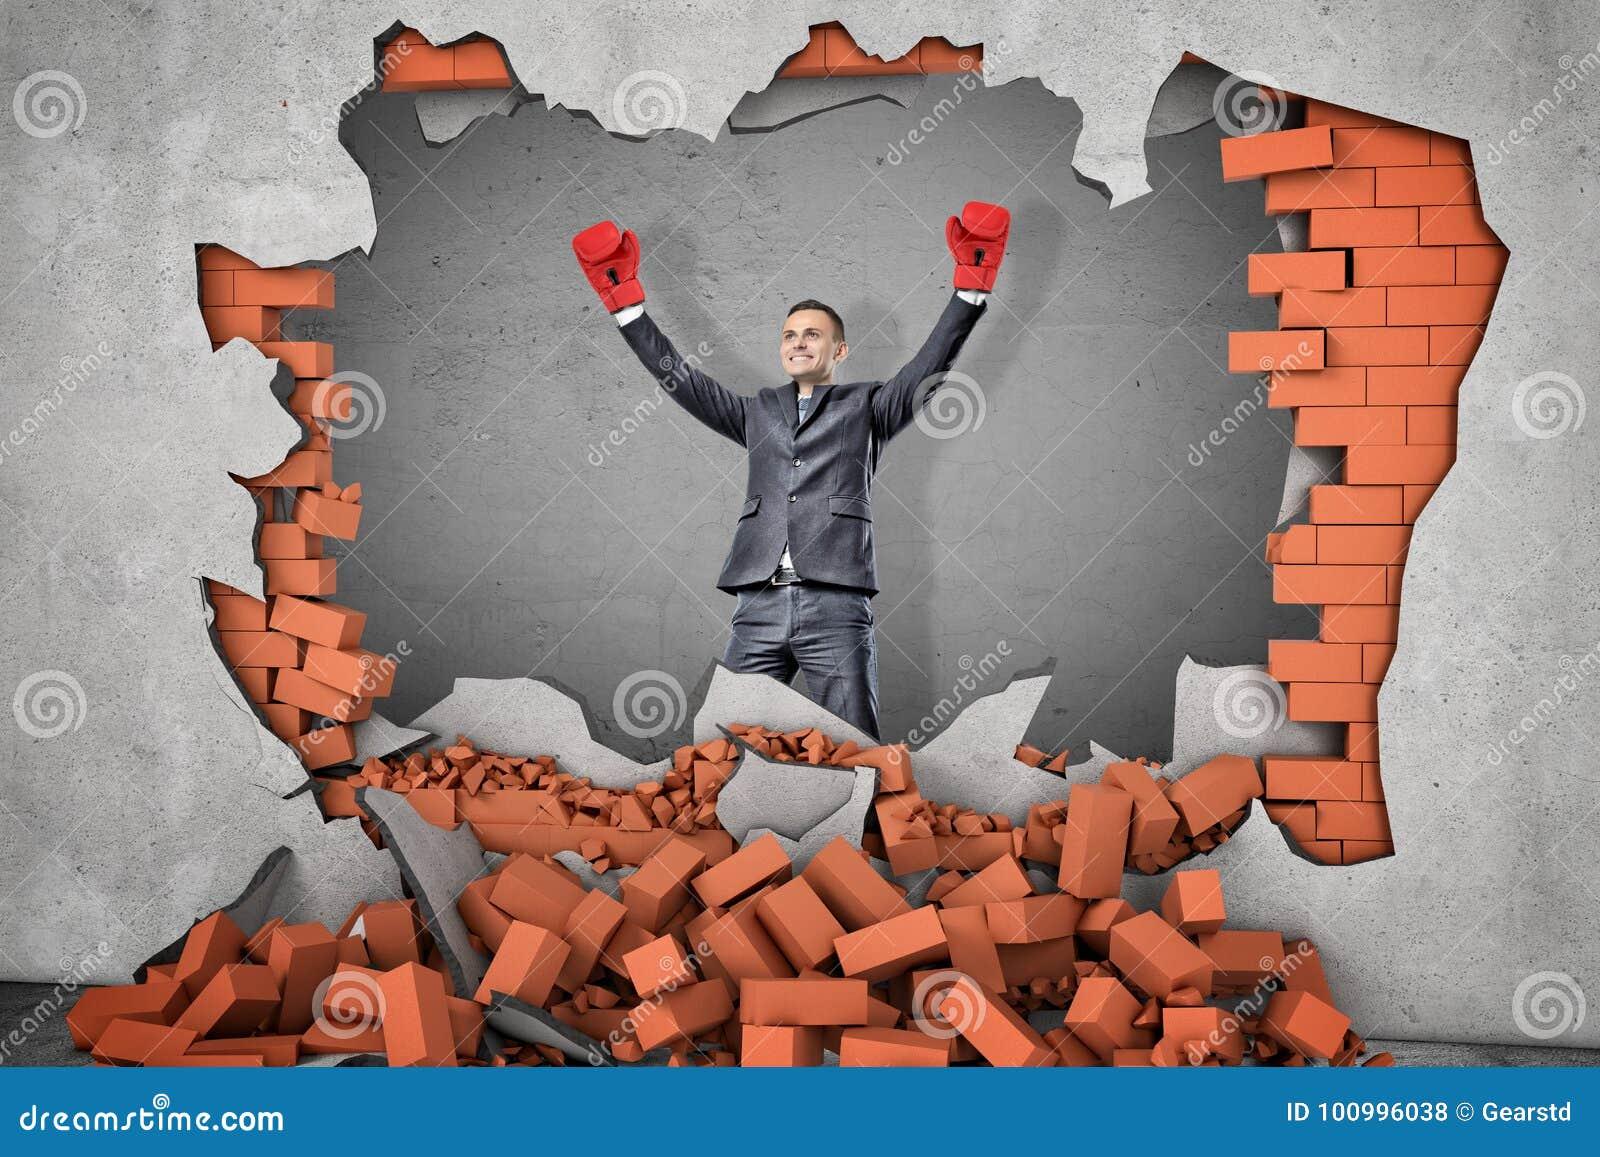 Un uomo d affari vittorioso in guantoni da pugile sta vicino ad un foro in un muro di mattoni con macerie che si trovano intorno